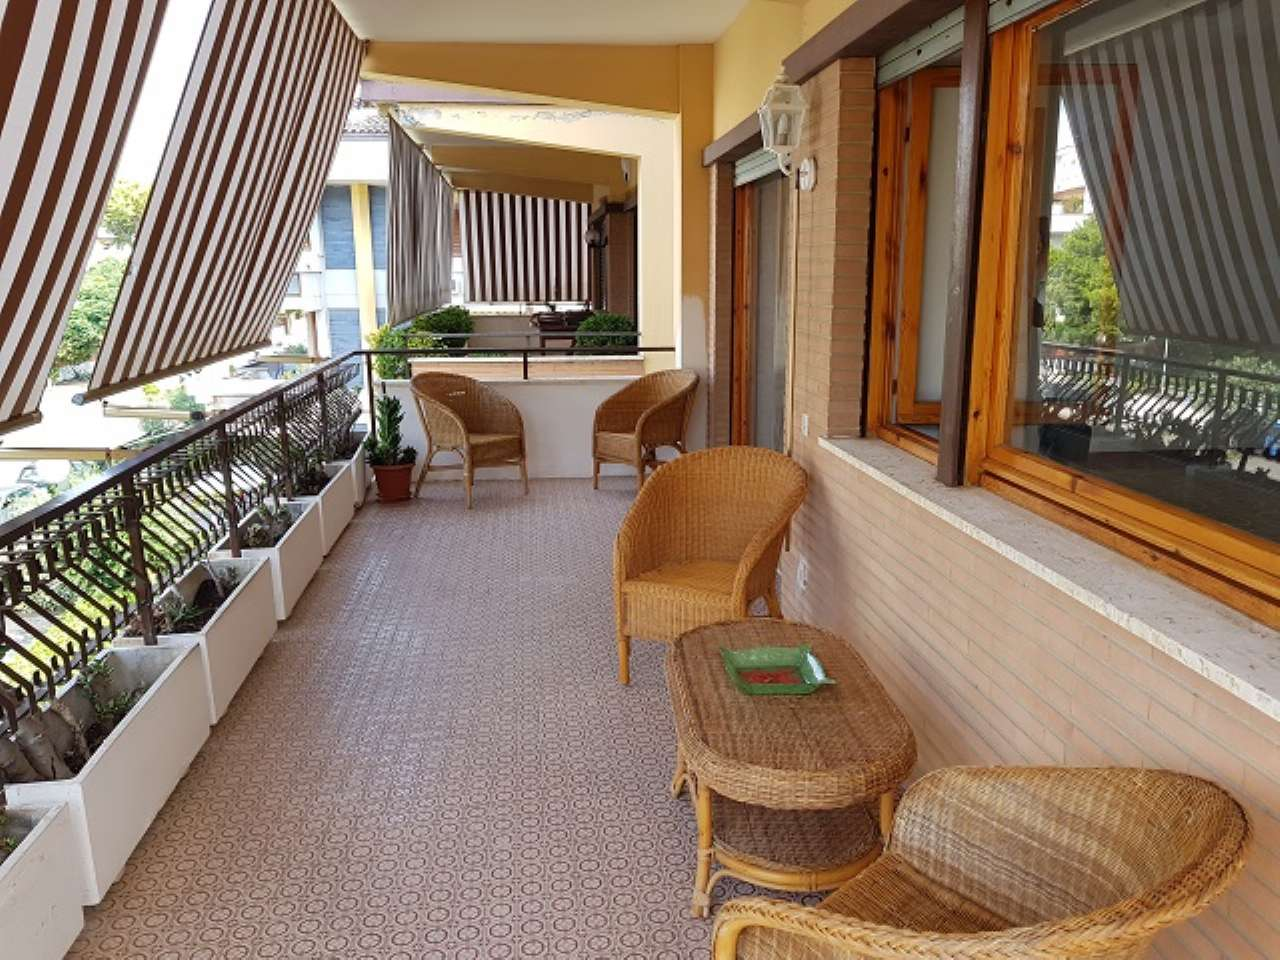 Appartamento in affitto a Santa Marinella zona Majorca...